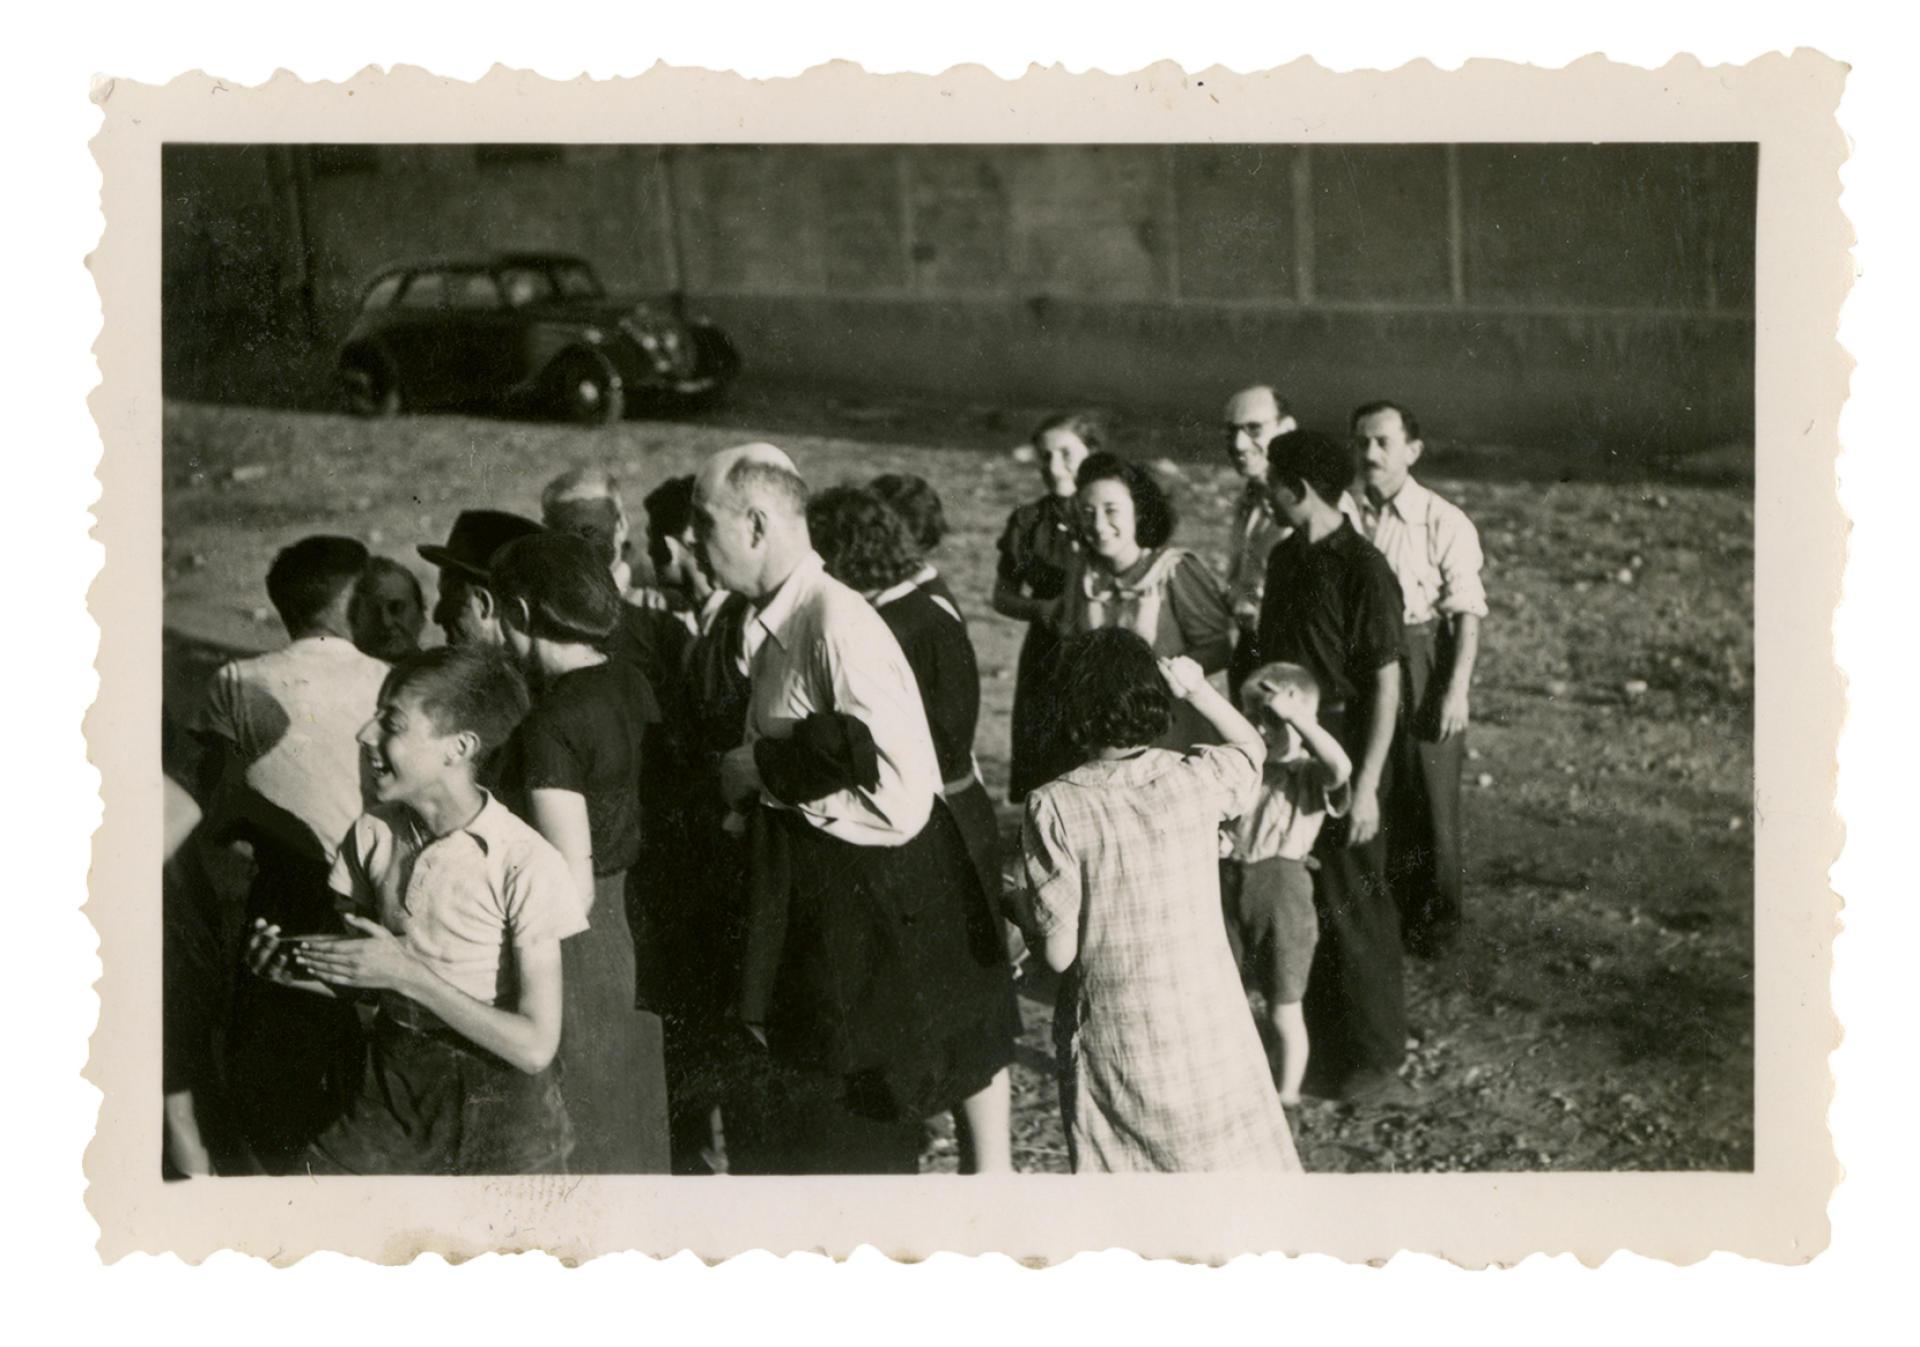 L'enfant au premier plan, Armand Buks ; le petit garçon blond, Emile Meisler ; la jeune fille à la blouse, Lotte Lévy.